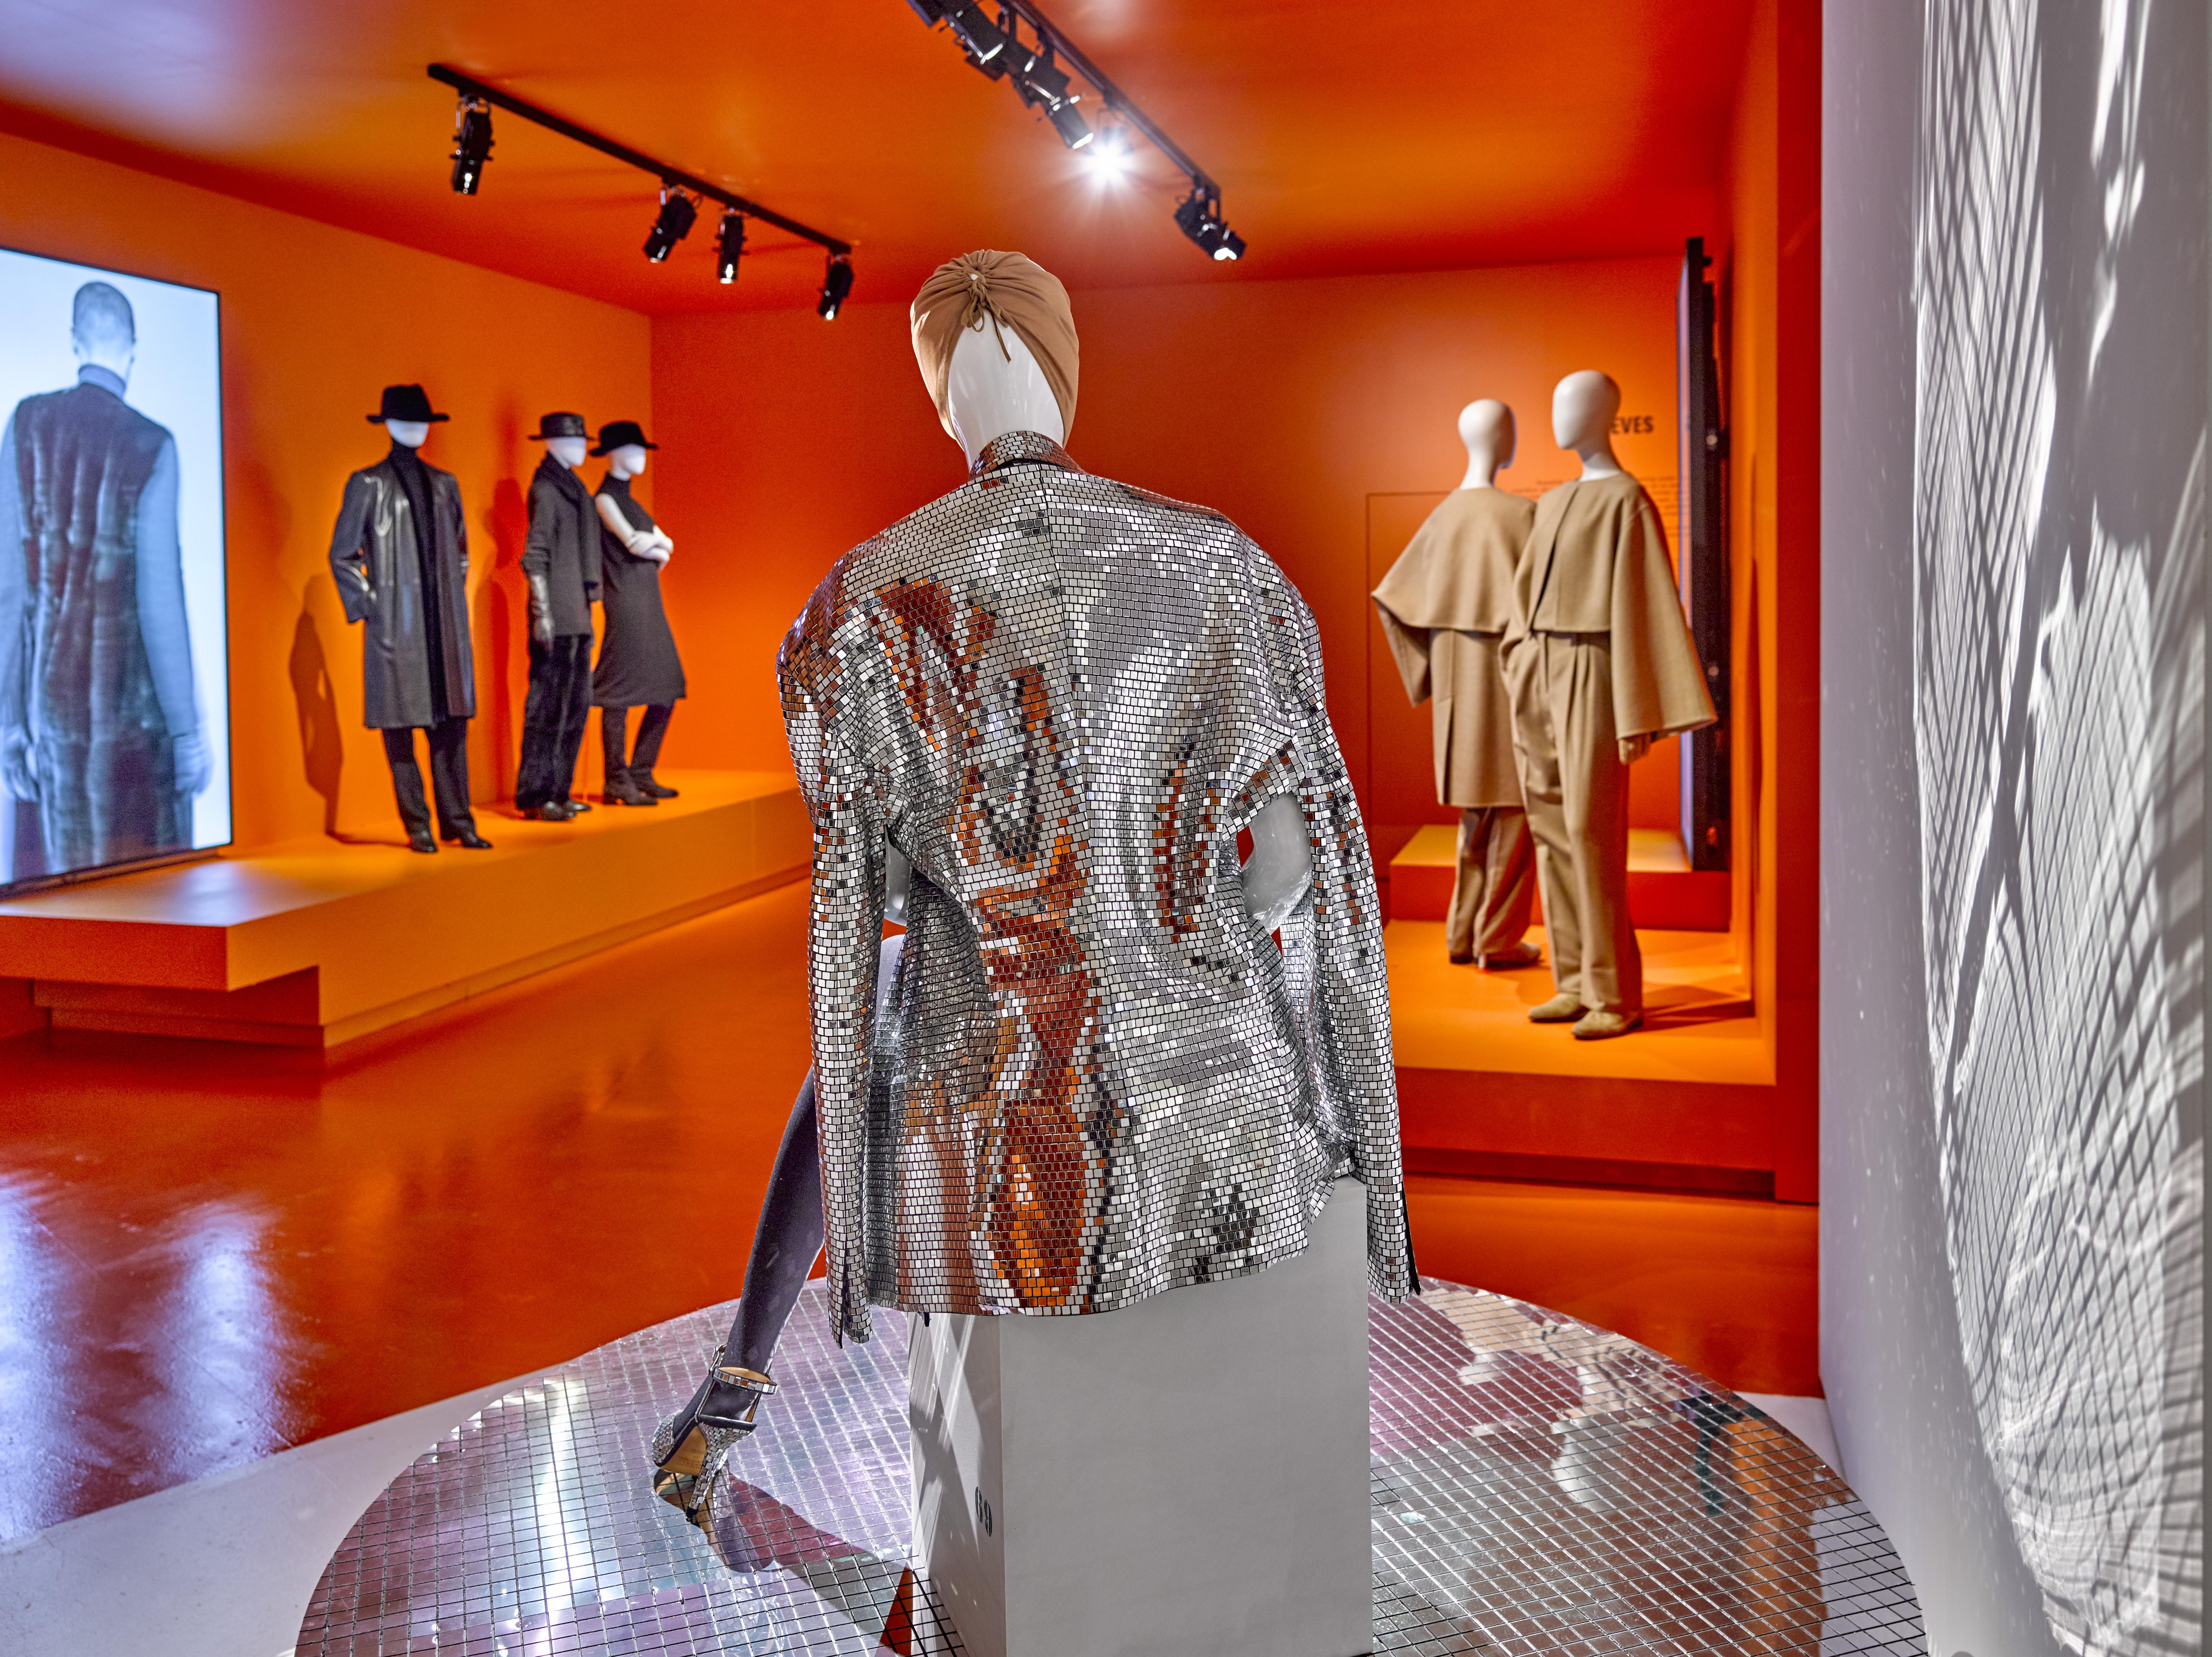 Zaalfoto van de tentoonstelling. Foto: ©Stany Dederen